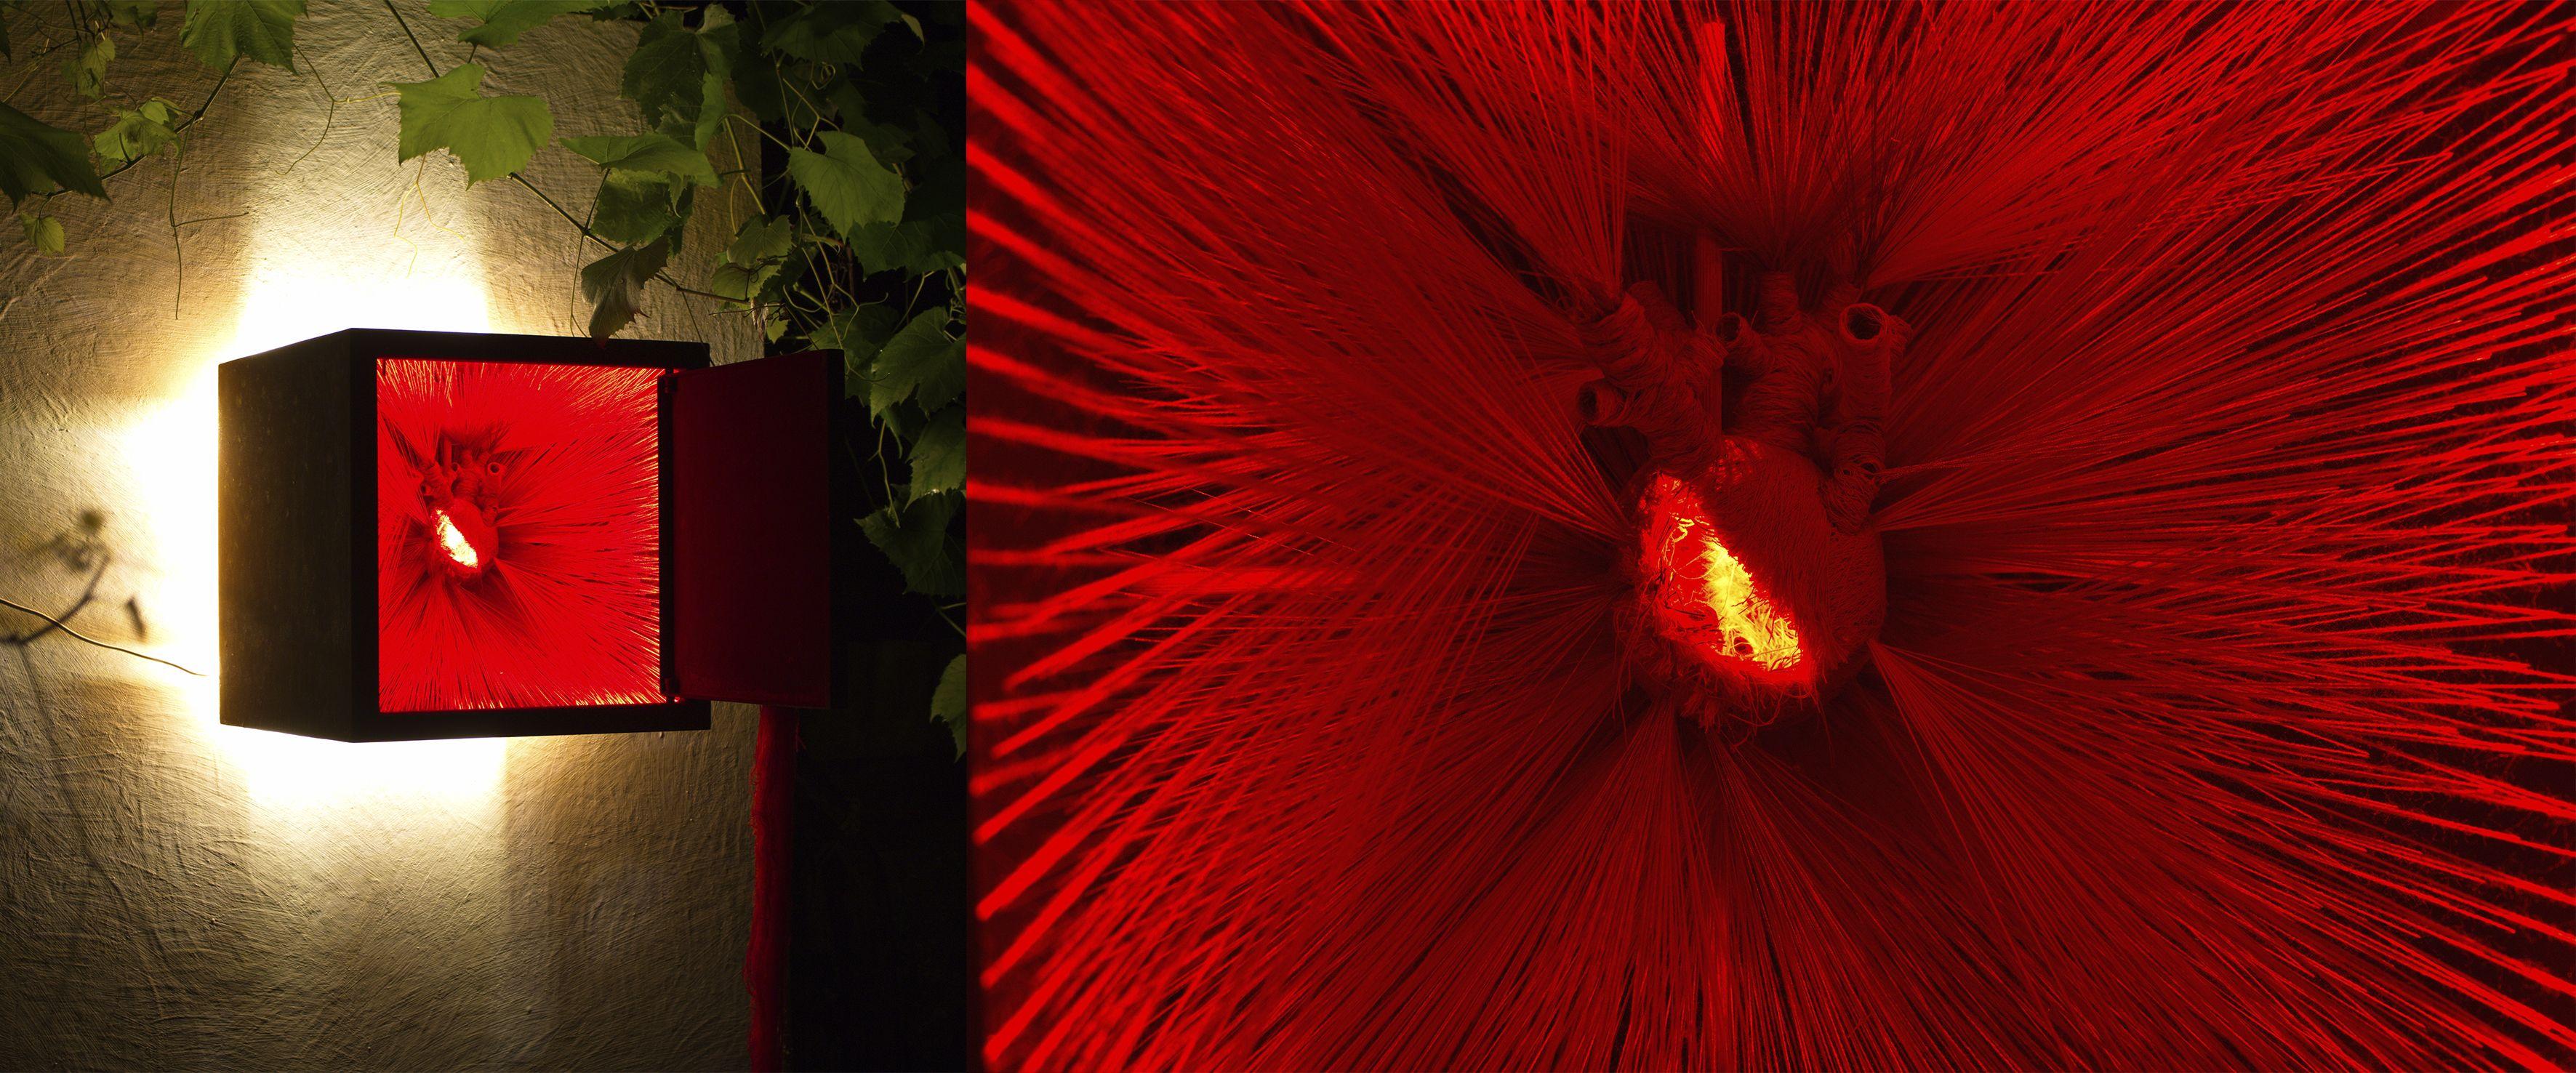 Олена Смага. Табернакль. Транссубстанціація, 2018; інтерактивний об'єкт, залізо, нитки, дерево, ілюмінація, 40х40х40